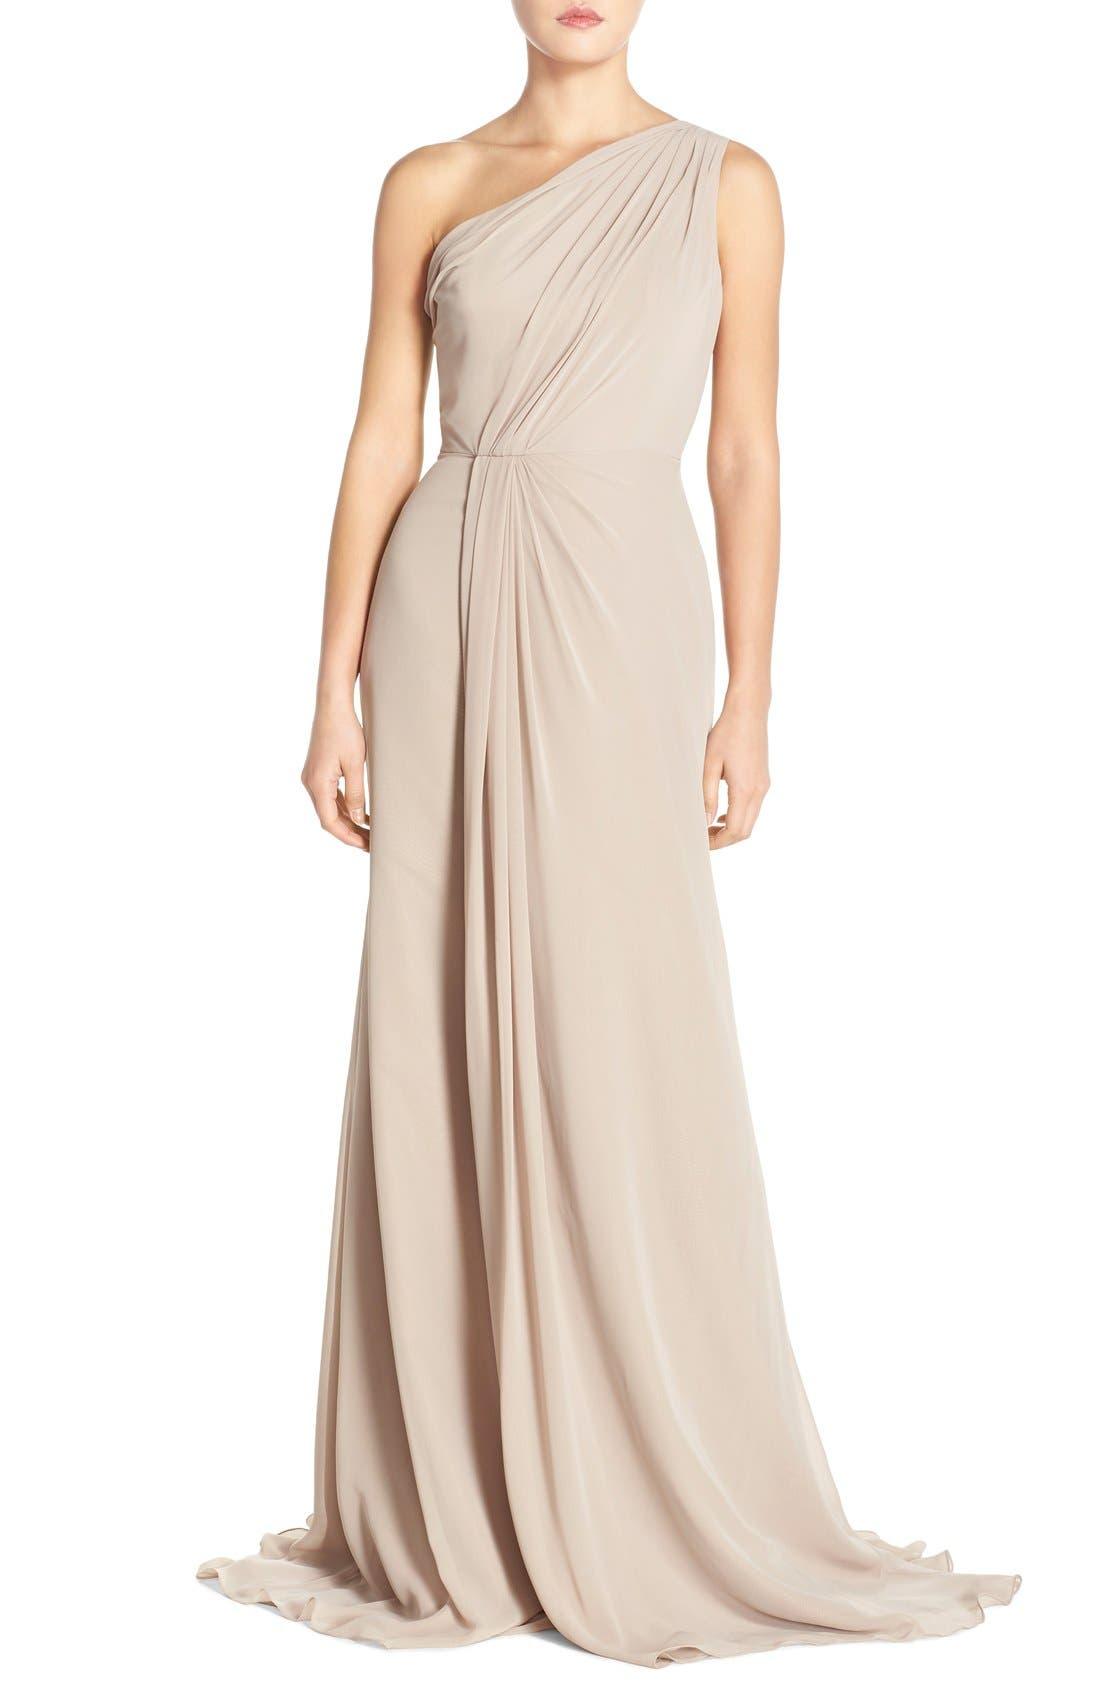 Alternate Image 1 Selected - Monique Lhuillier Bridesmaids One-Shoulder Chiffon Gown